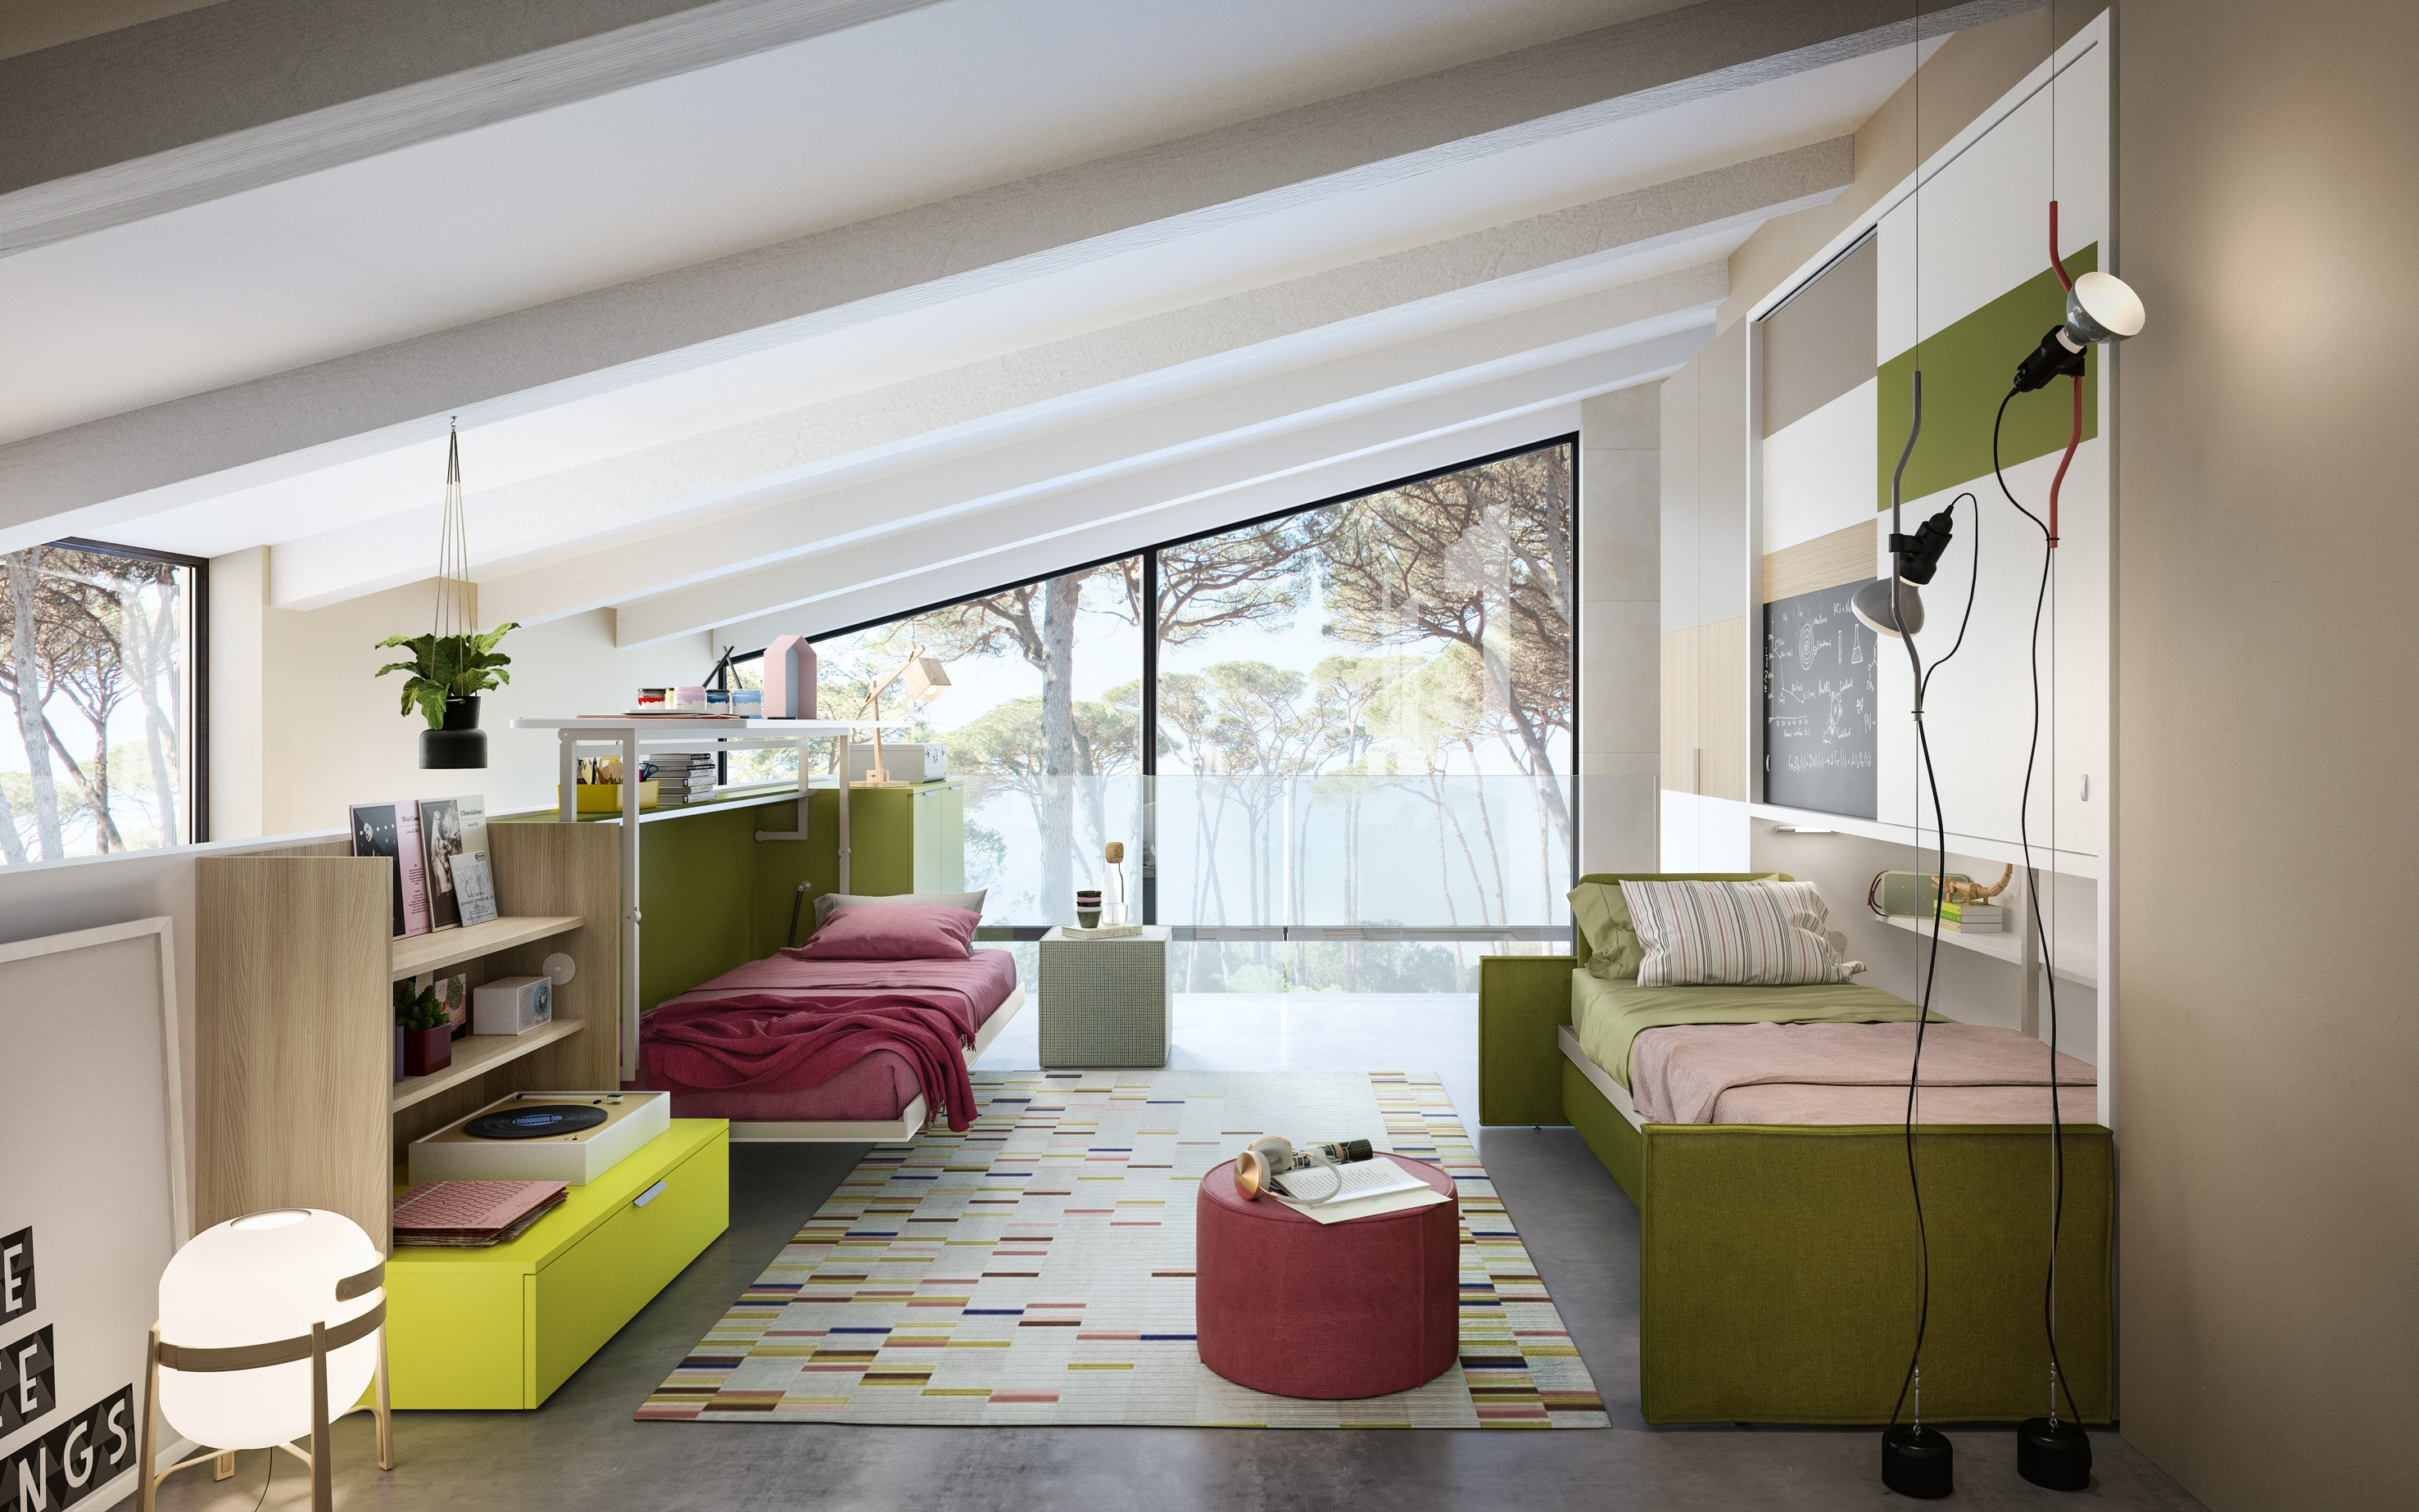 Kali ponte sofa divano by clei - Clei divano letto ...